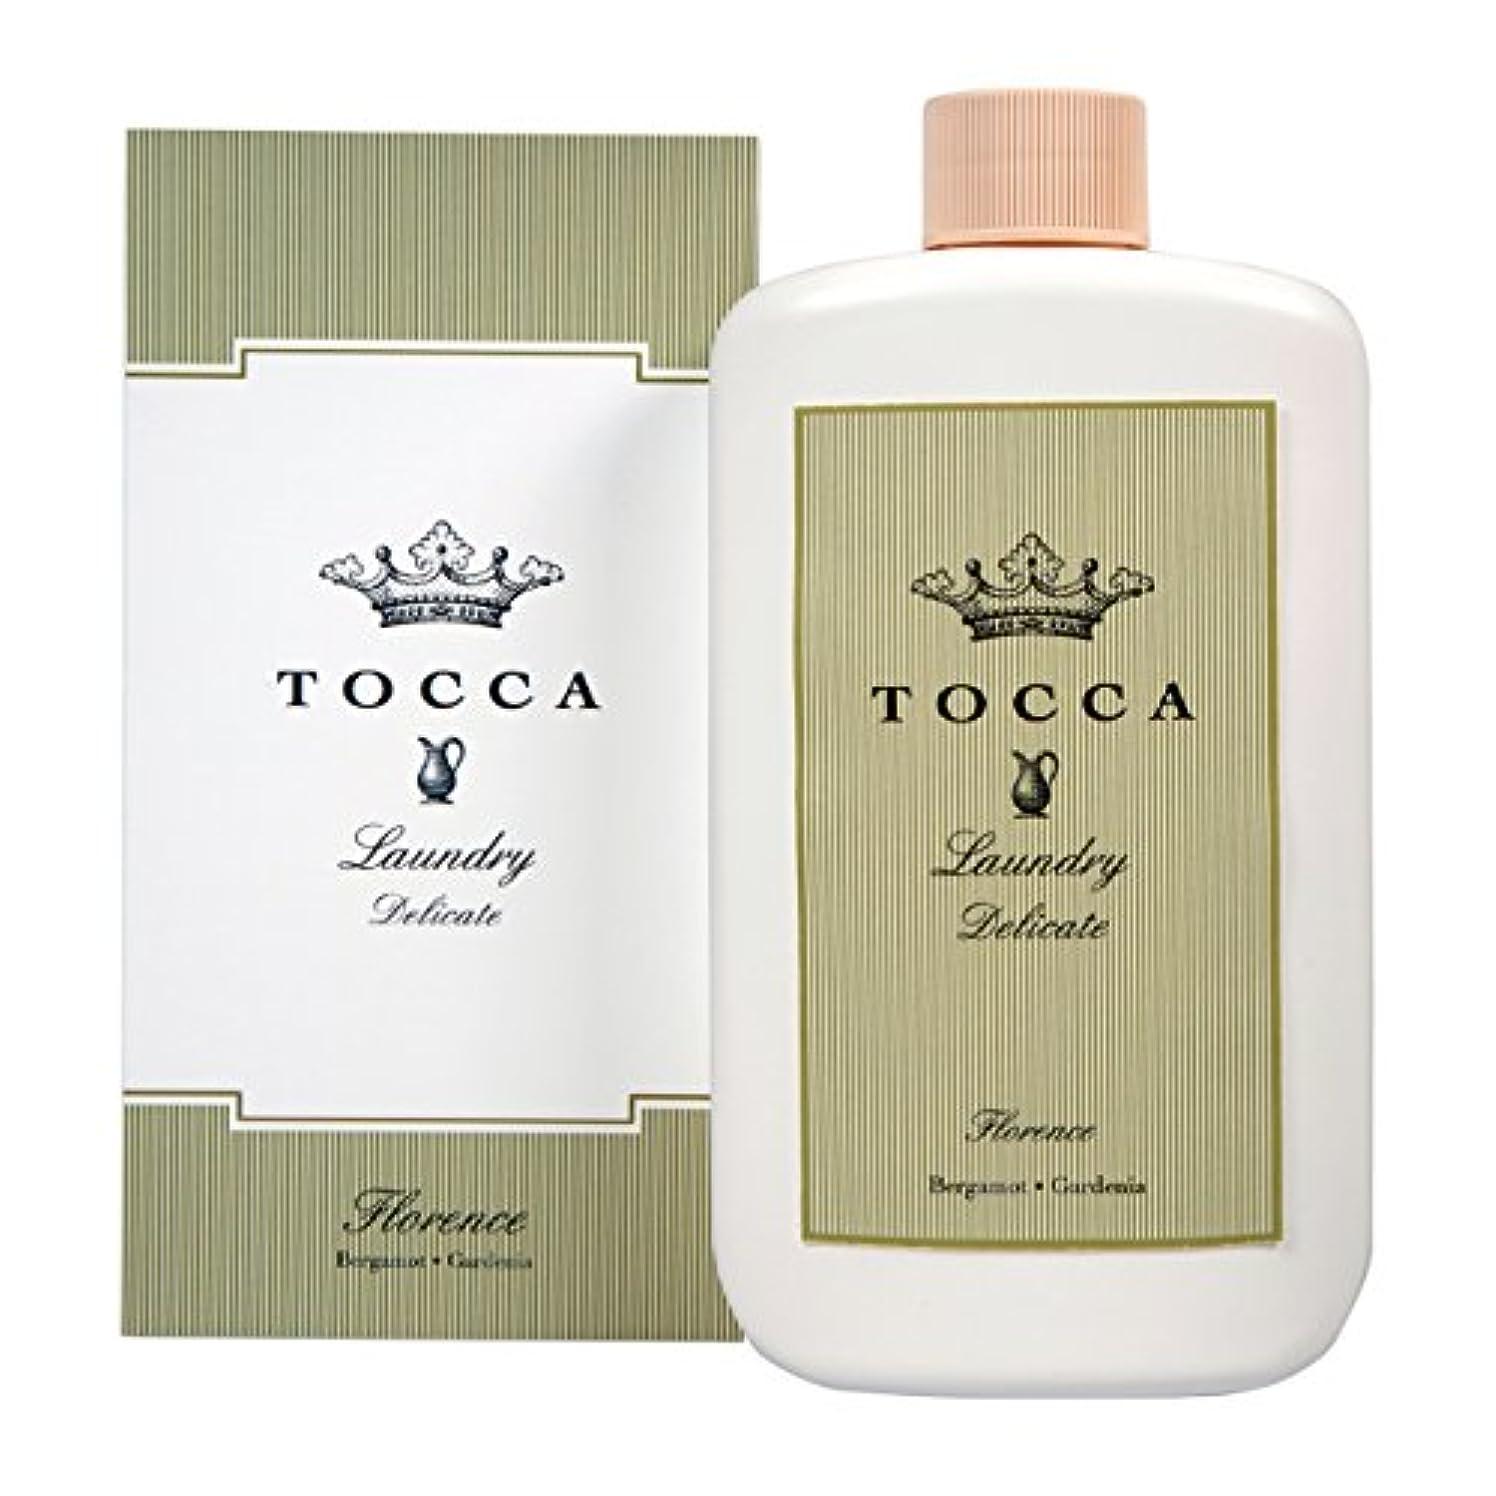 伝えるダイエット有毒なトッカ(TOCCA) ランドリーデリケート フローレンスの香り 235ml (デリケート素材用洗剤 洗濯用合成洗剤 ガーデニアとベルガモットが誘うように溶け合うどこまでも上品なフローラルの香り)